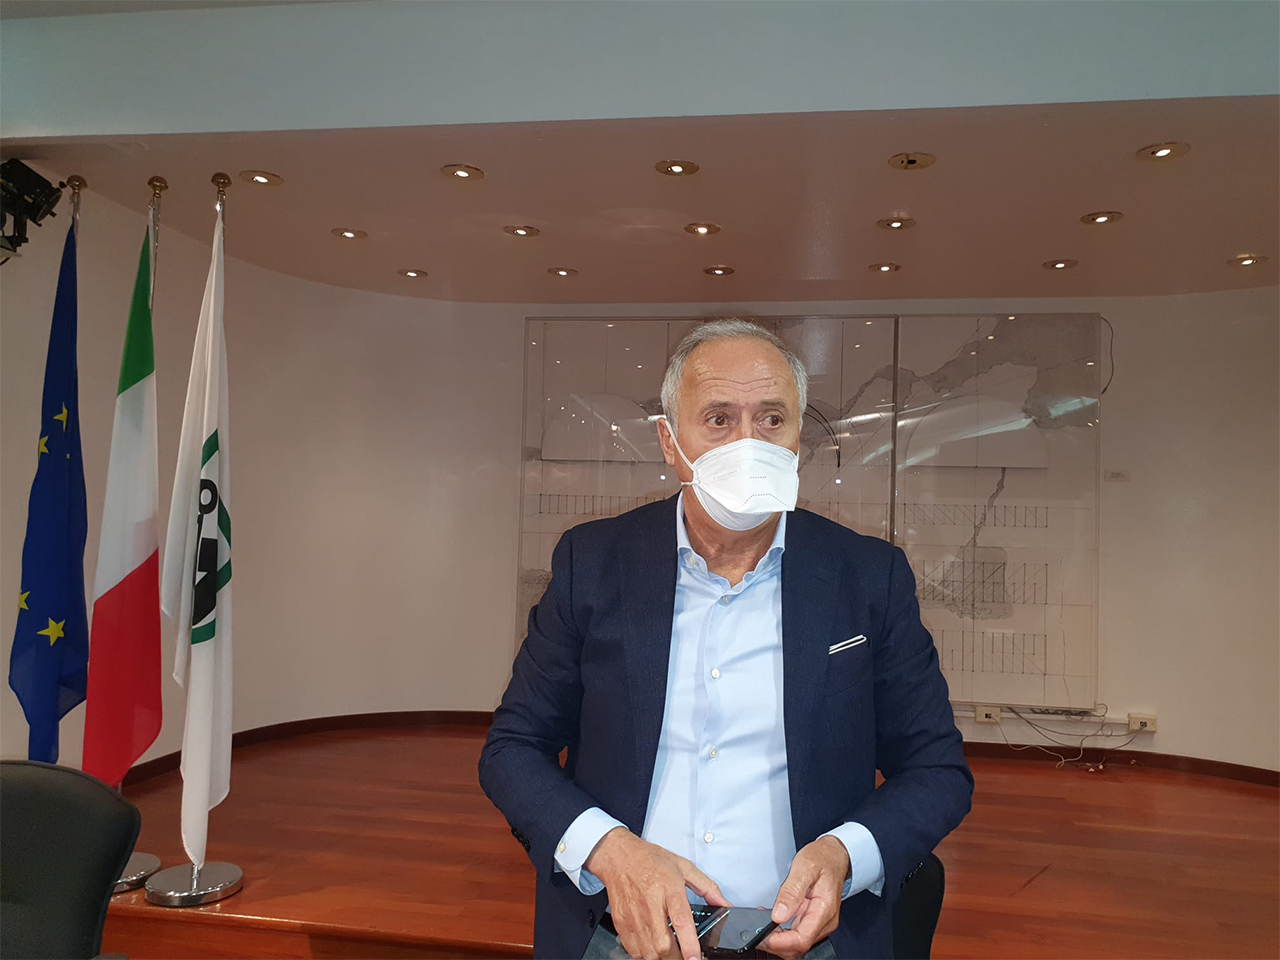 L'assessore regionale alla sanità Filippo Saltamartini